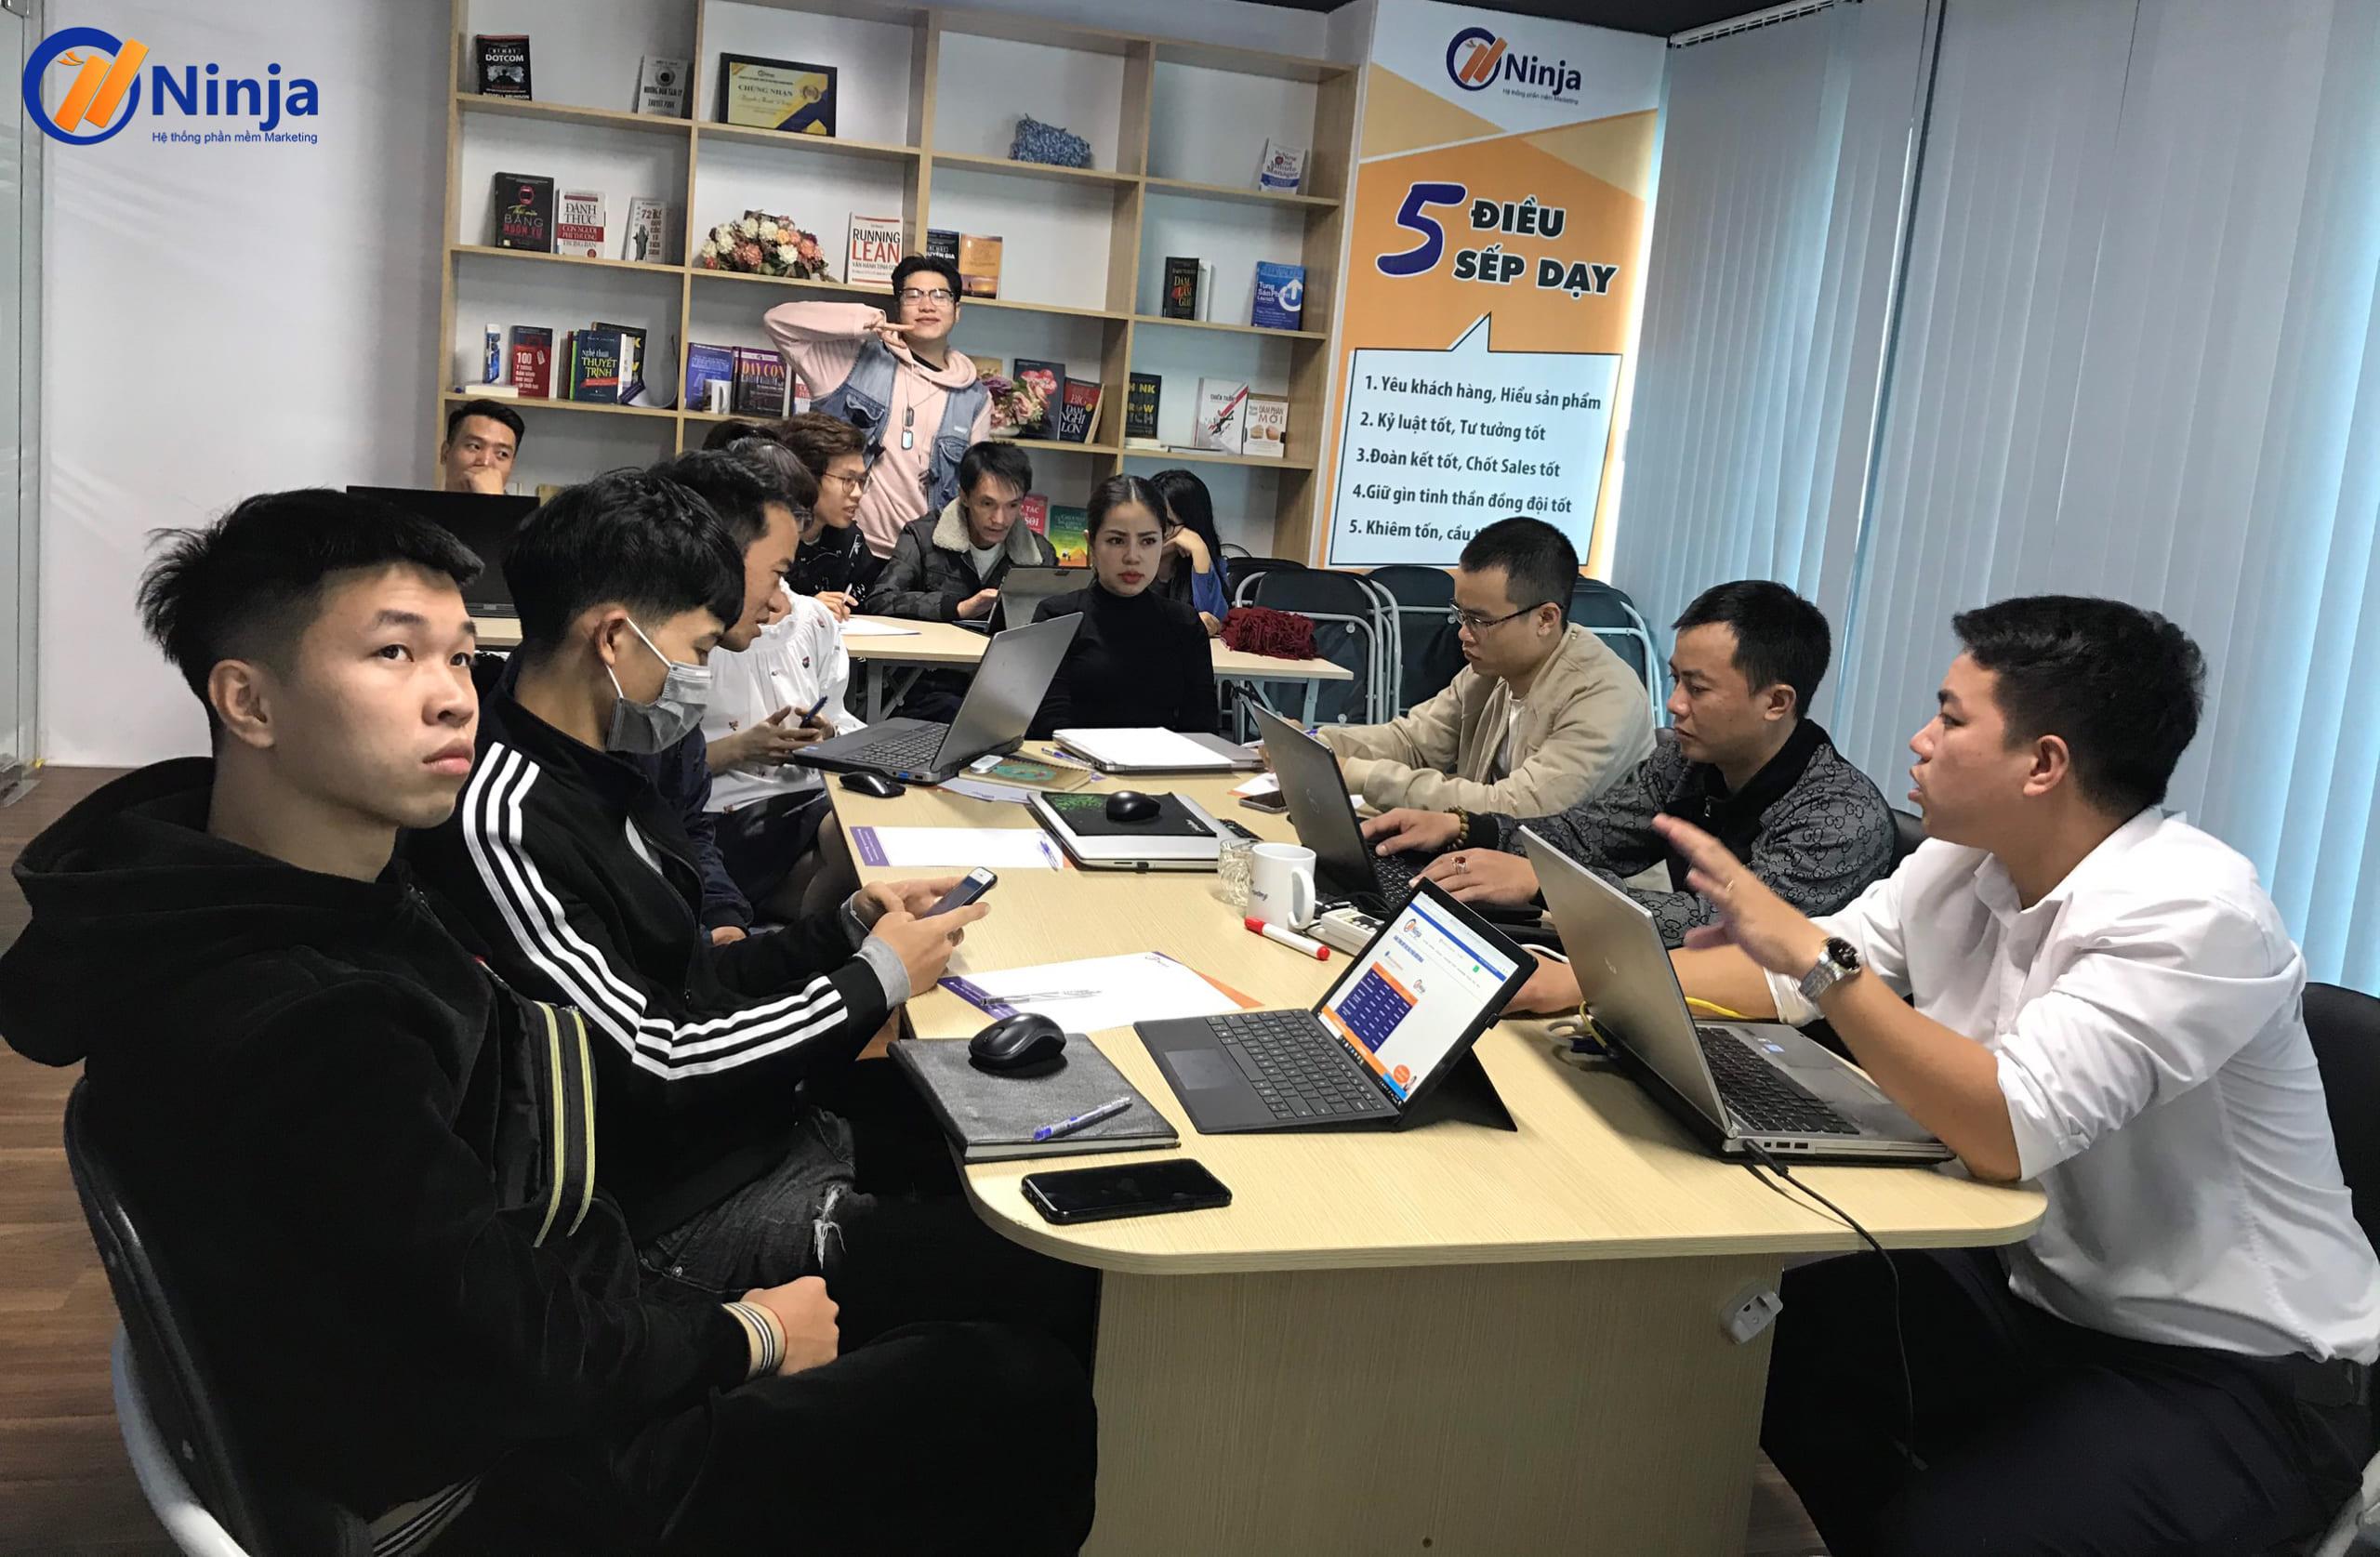 dao tao ban hang tet ninja 1 scaled Đào tạo Ninja: Kỹ năng sử dụng phần mềm Marketing bán hàng Tết